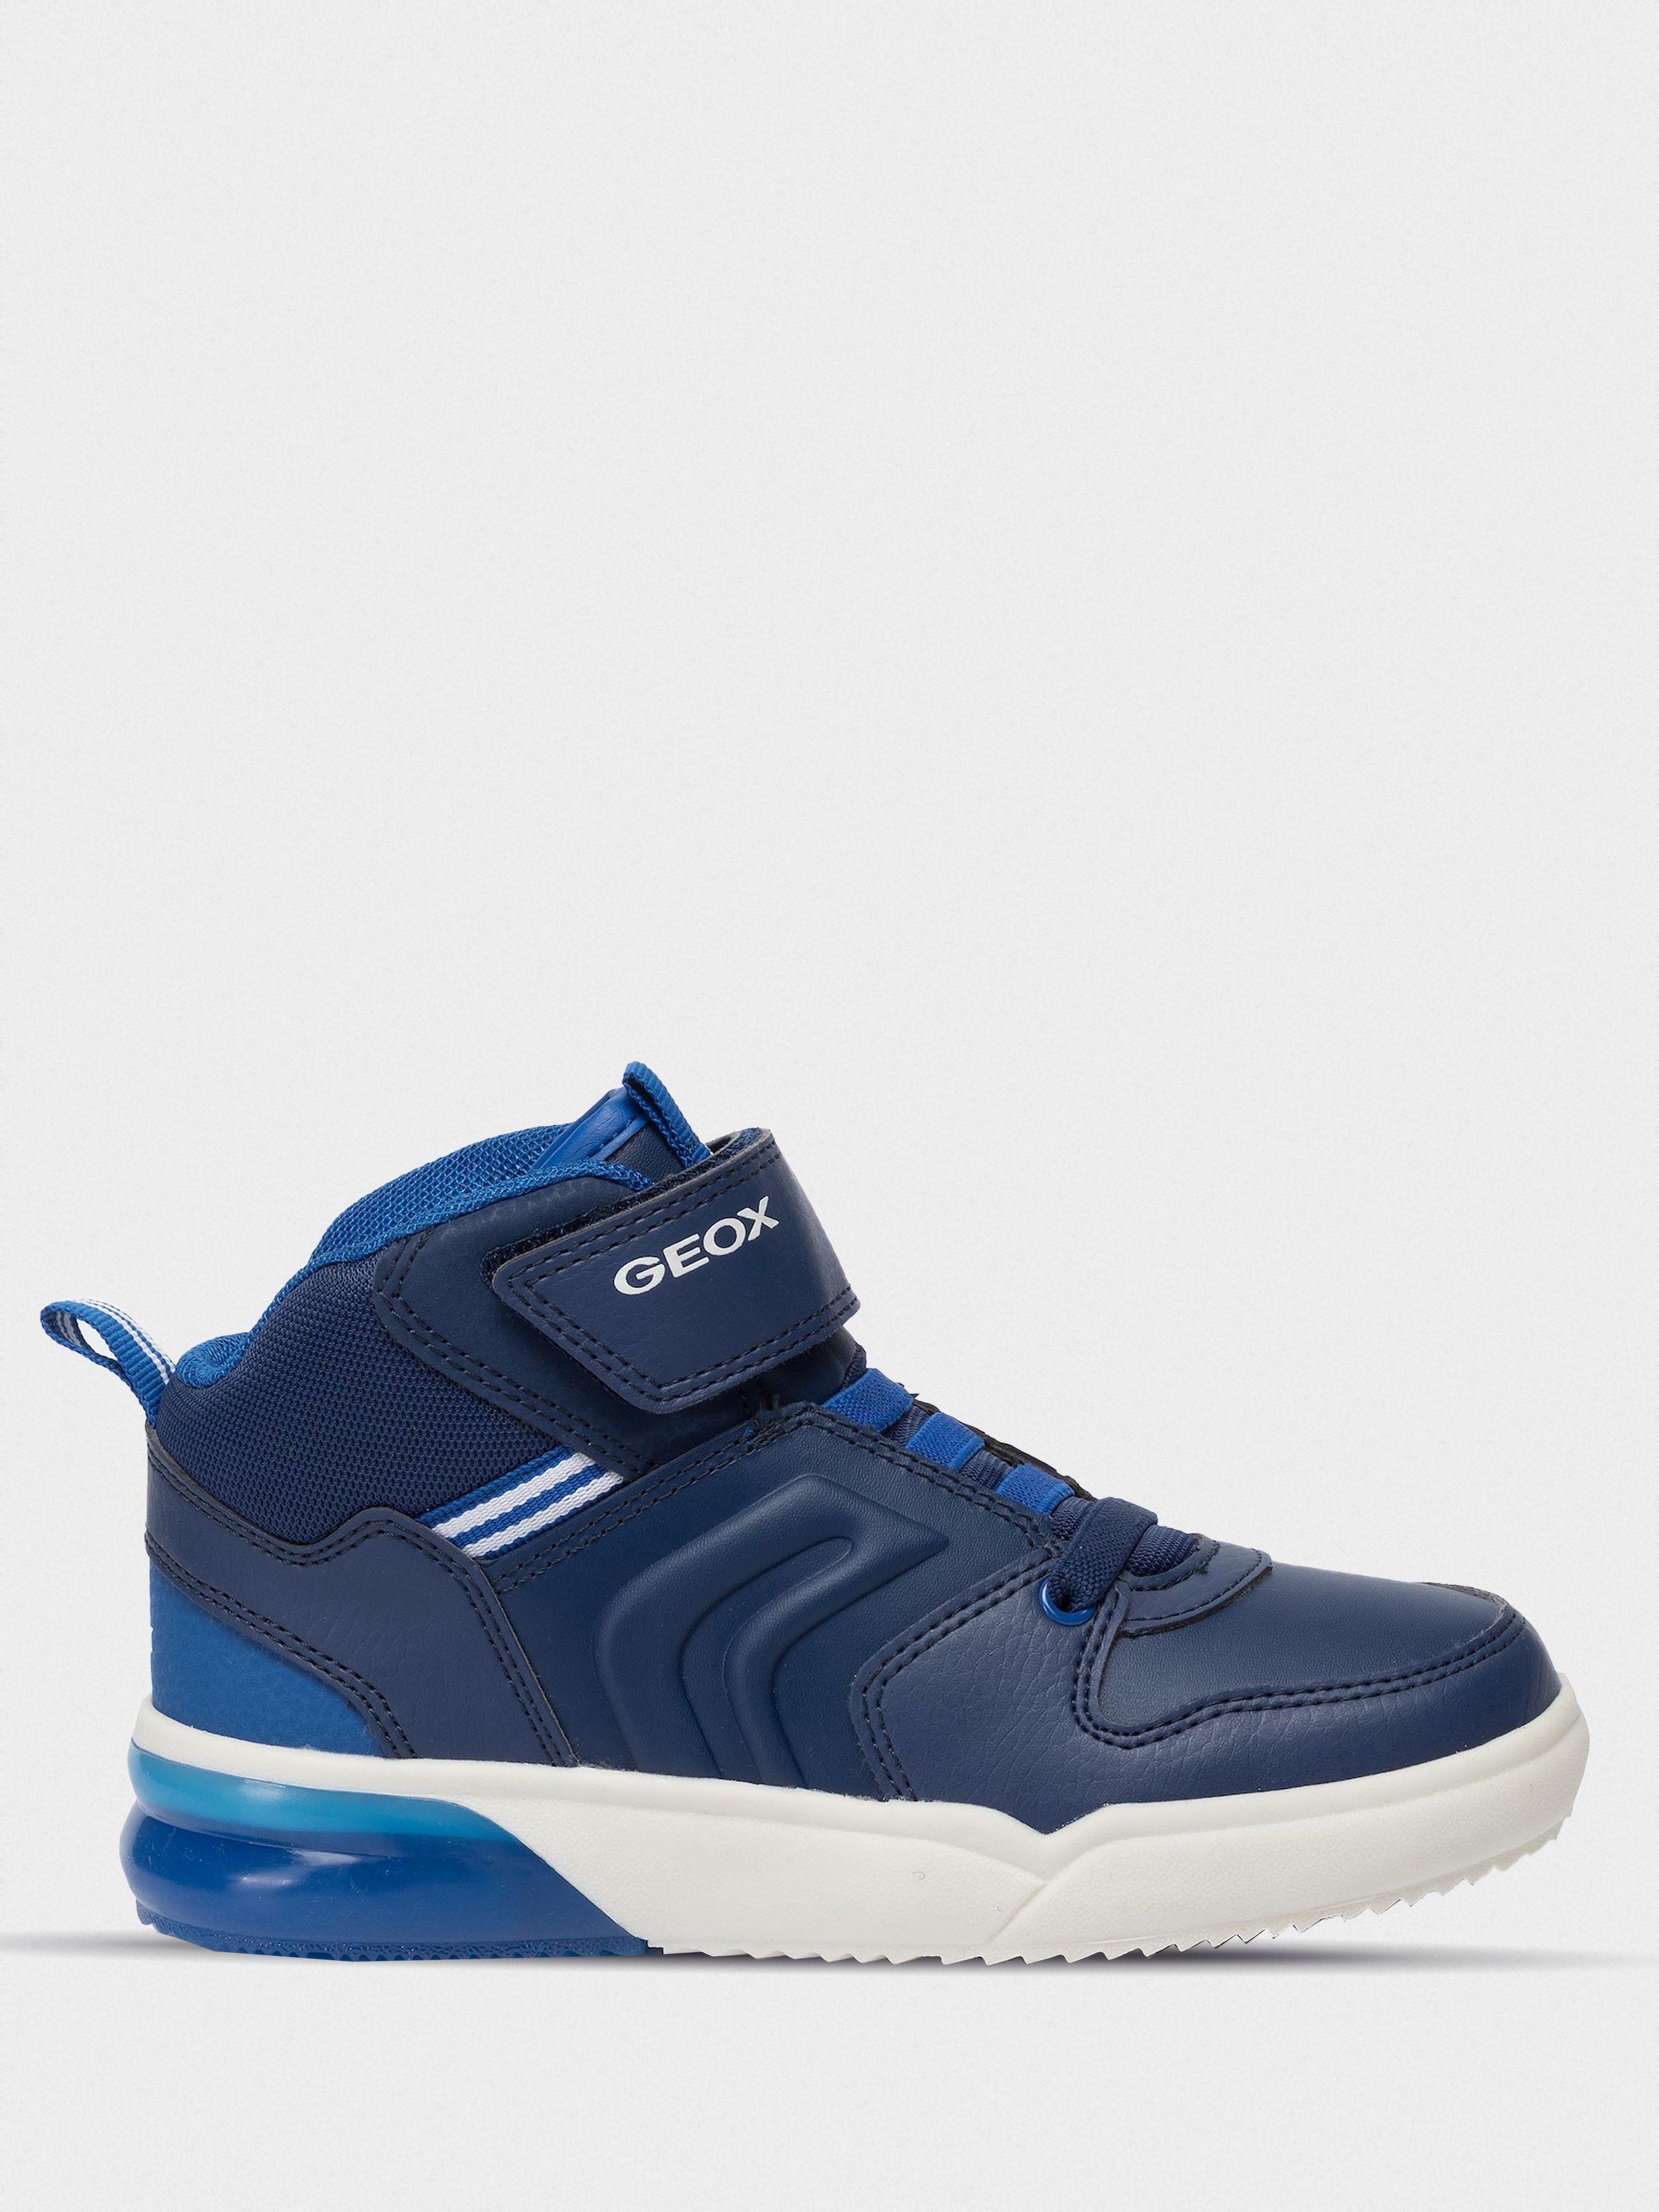 Купить Ботинки детские Geox J GRAYJAY BOY XK6468, Синий